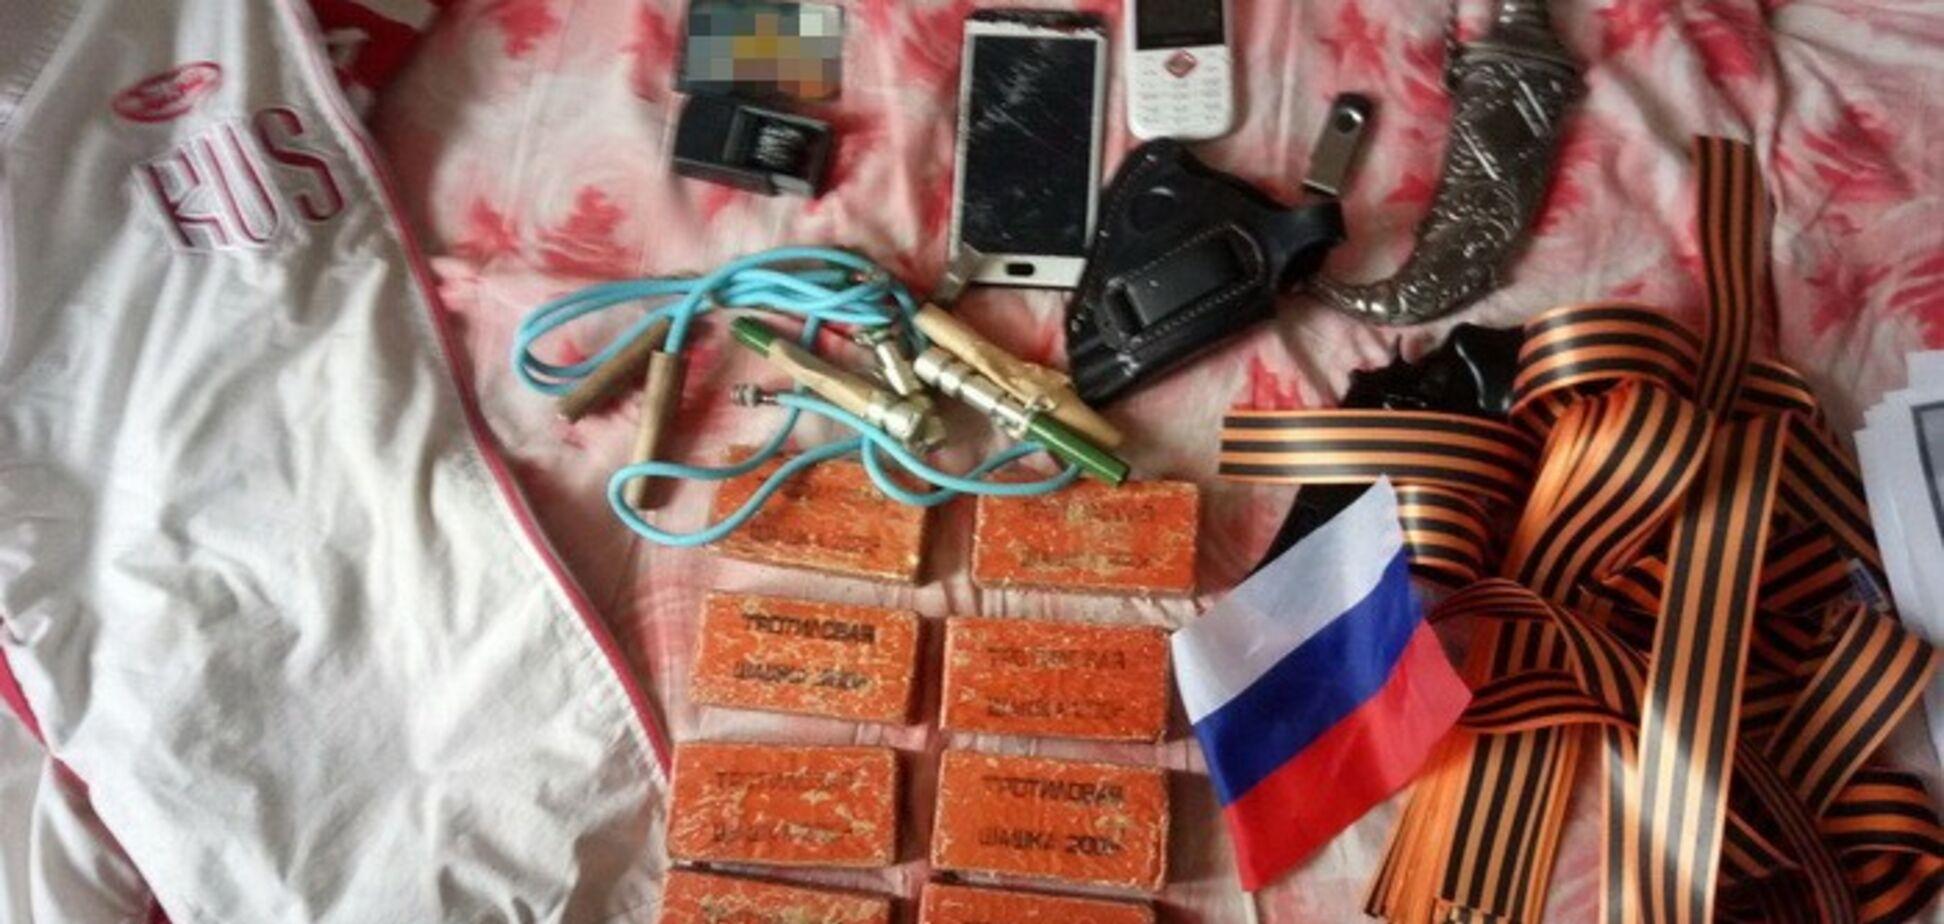 СБУ викрила вандалів, які нівечили пам'ятники на замовлення Росії